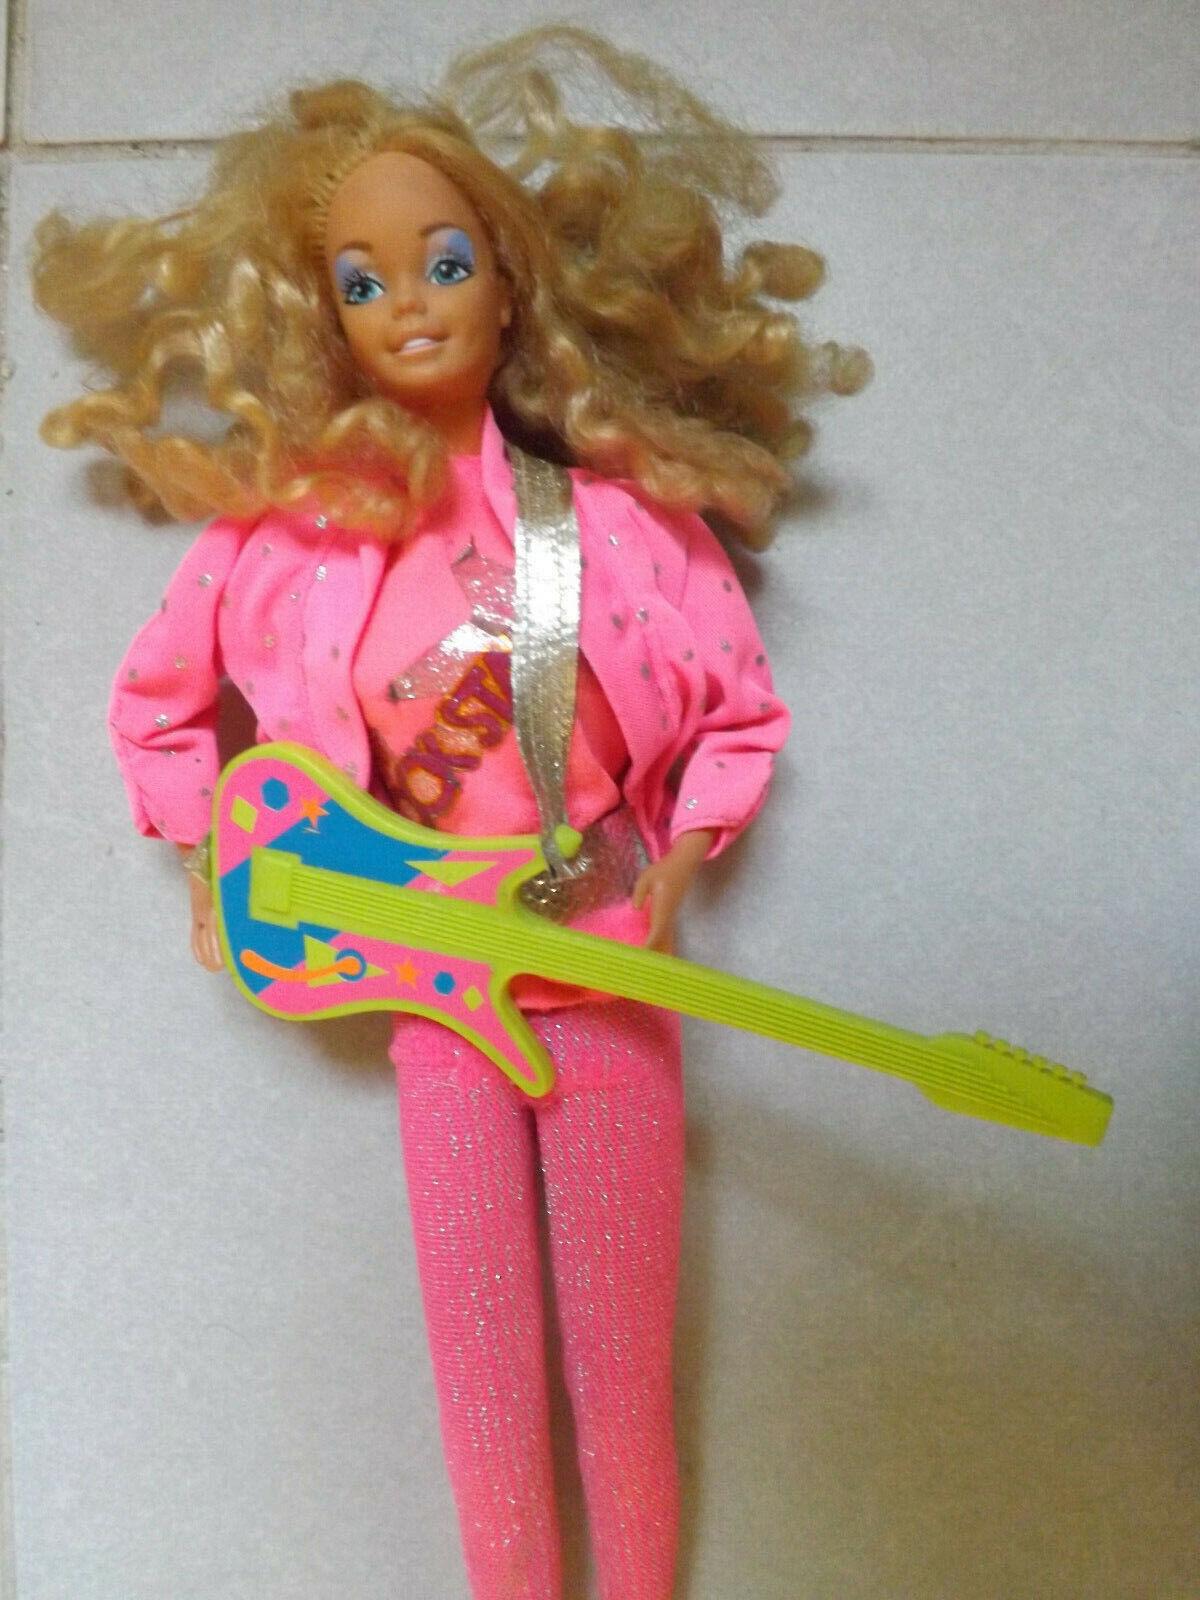 Barbie Rockstar ancienne poupée vintage rock star superstar guitar - dolls doll